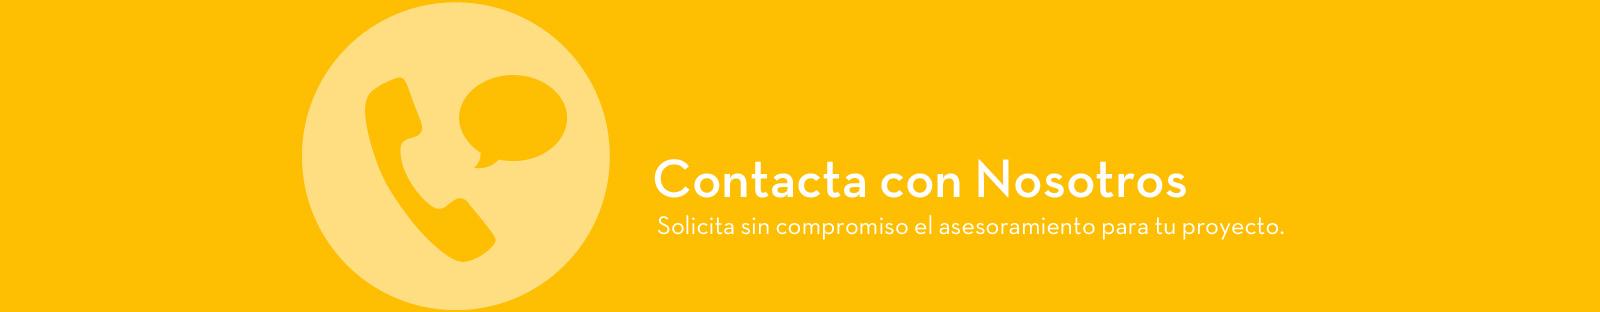 Contacta con nosotros. socialbeings